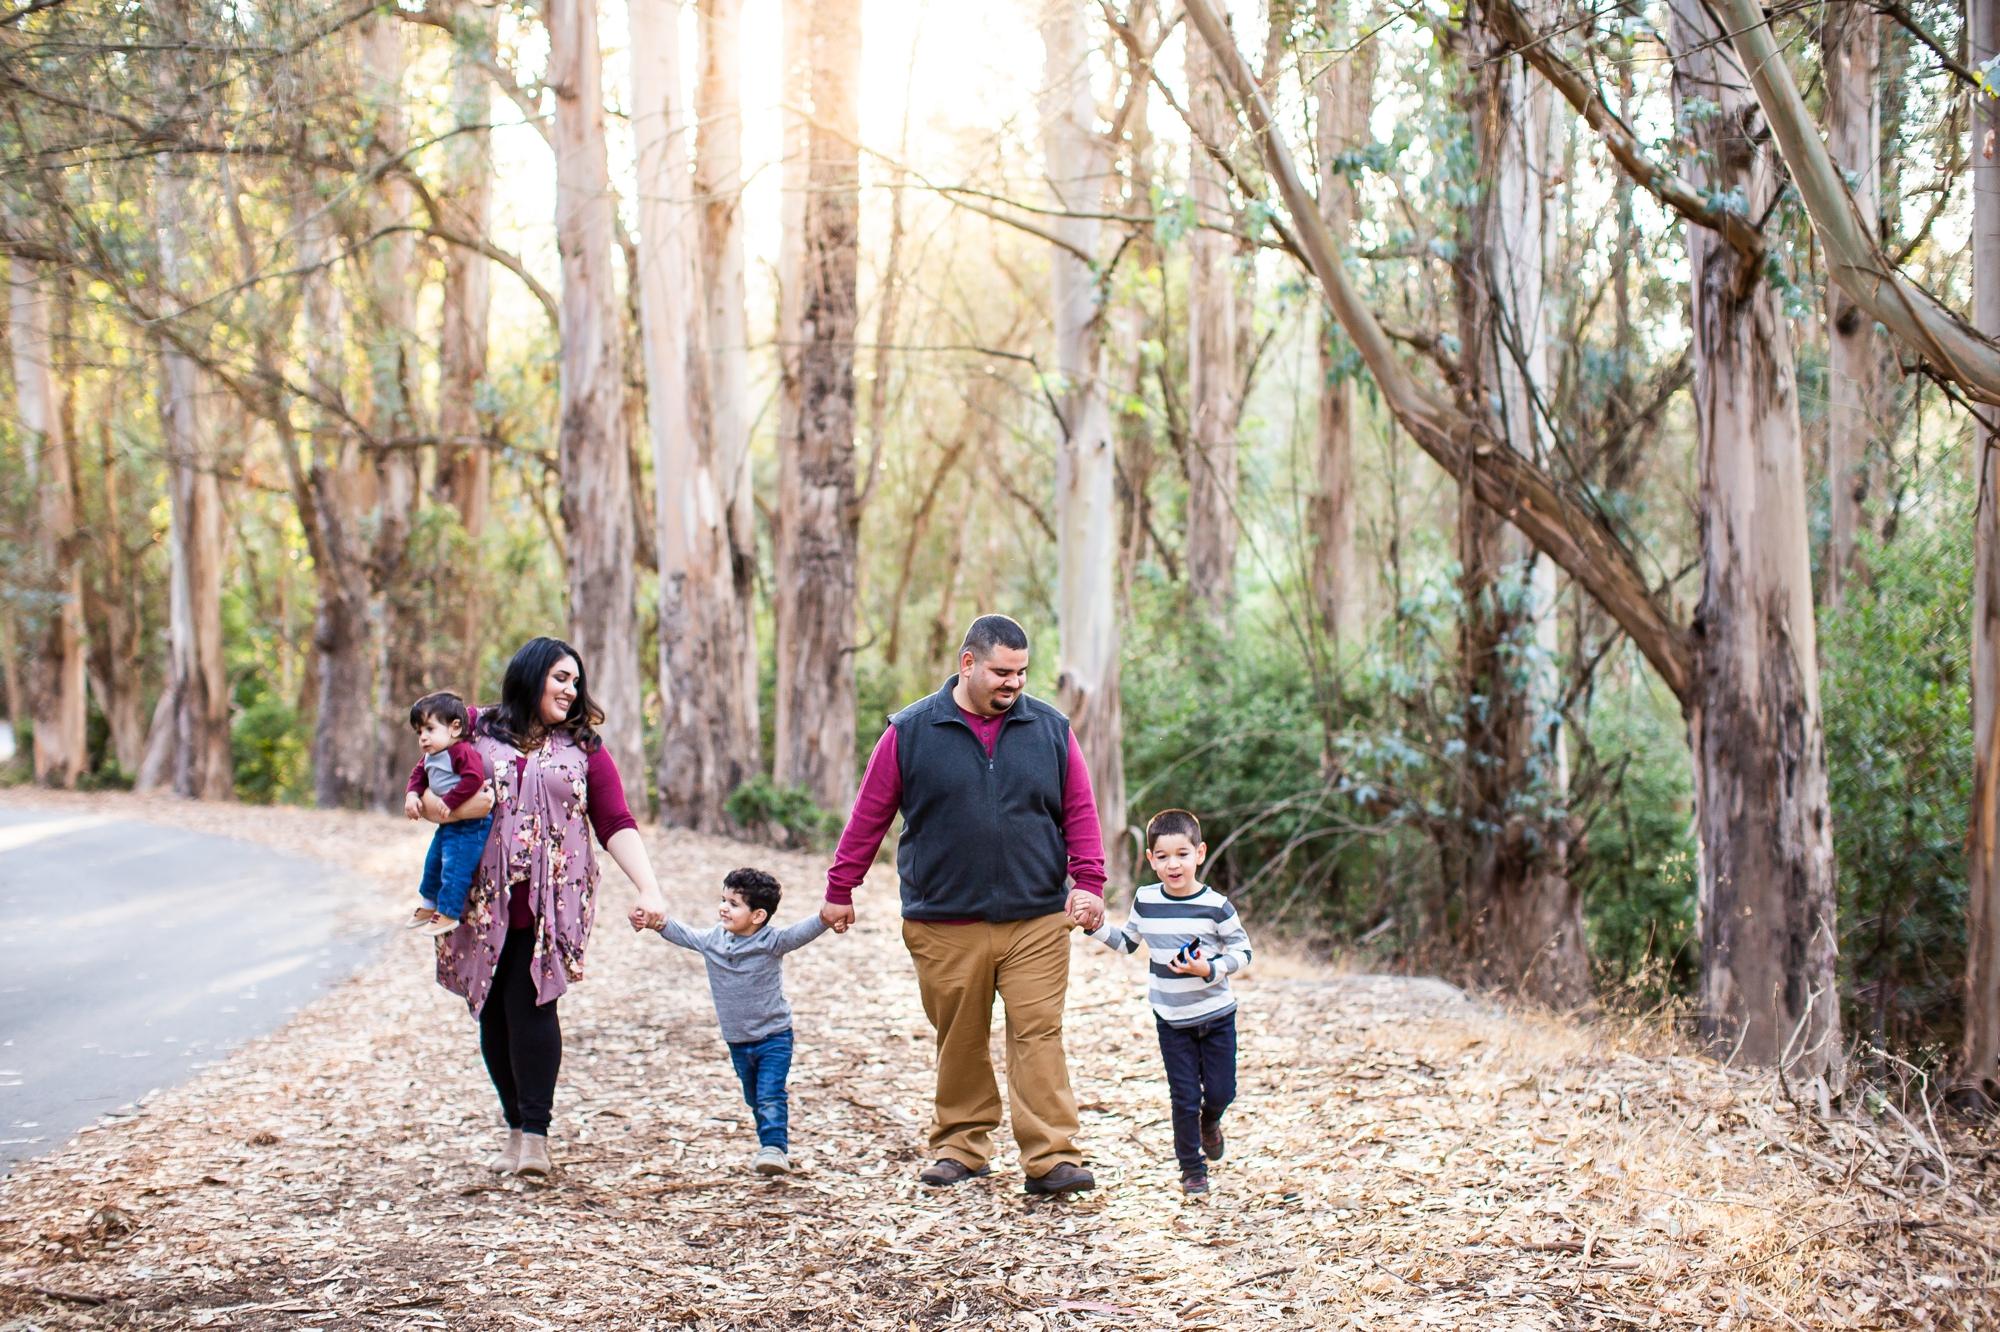 tilden park family photography 5.jpg